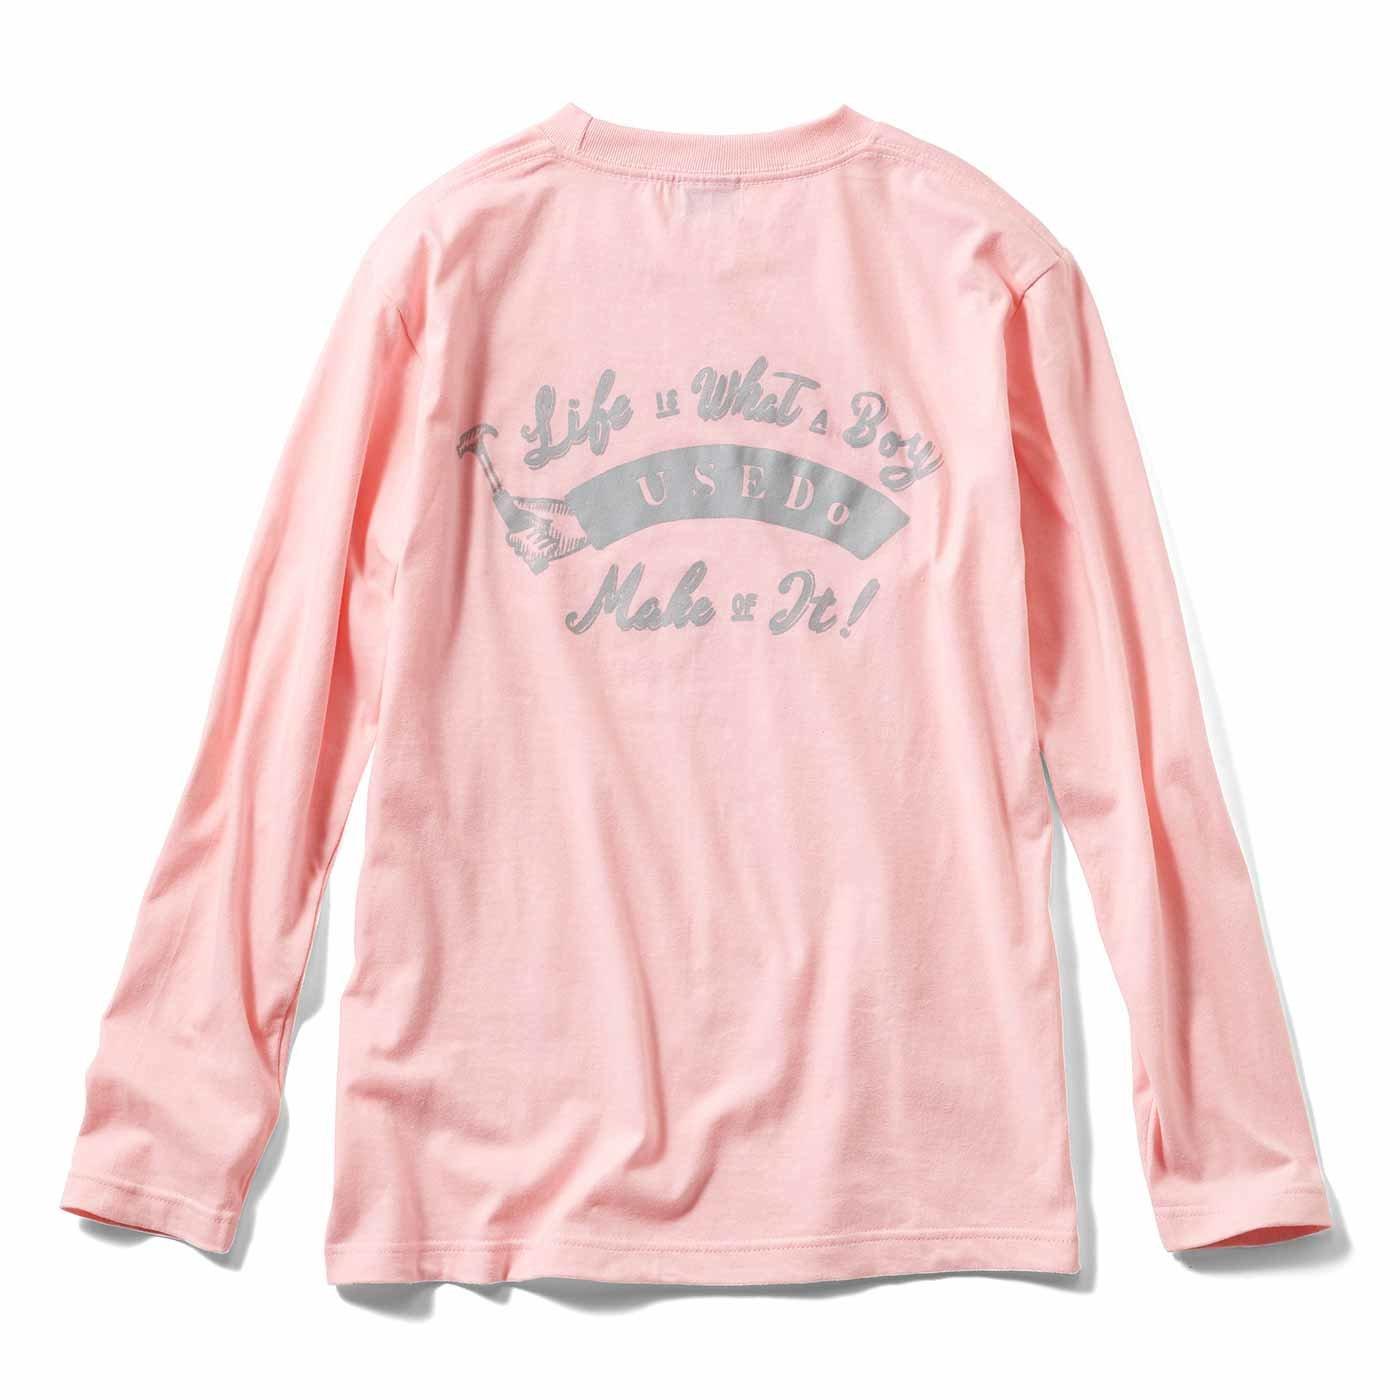 USEDo×CHALKBOY ボーイッシュ長袖Tシャツ〈ピンク〉